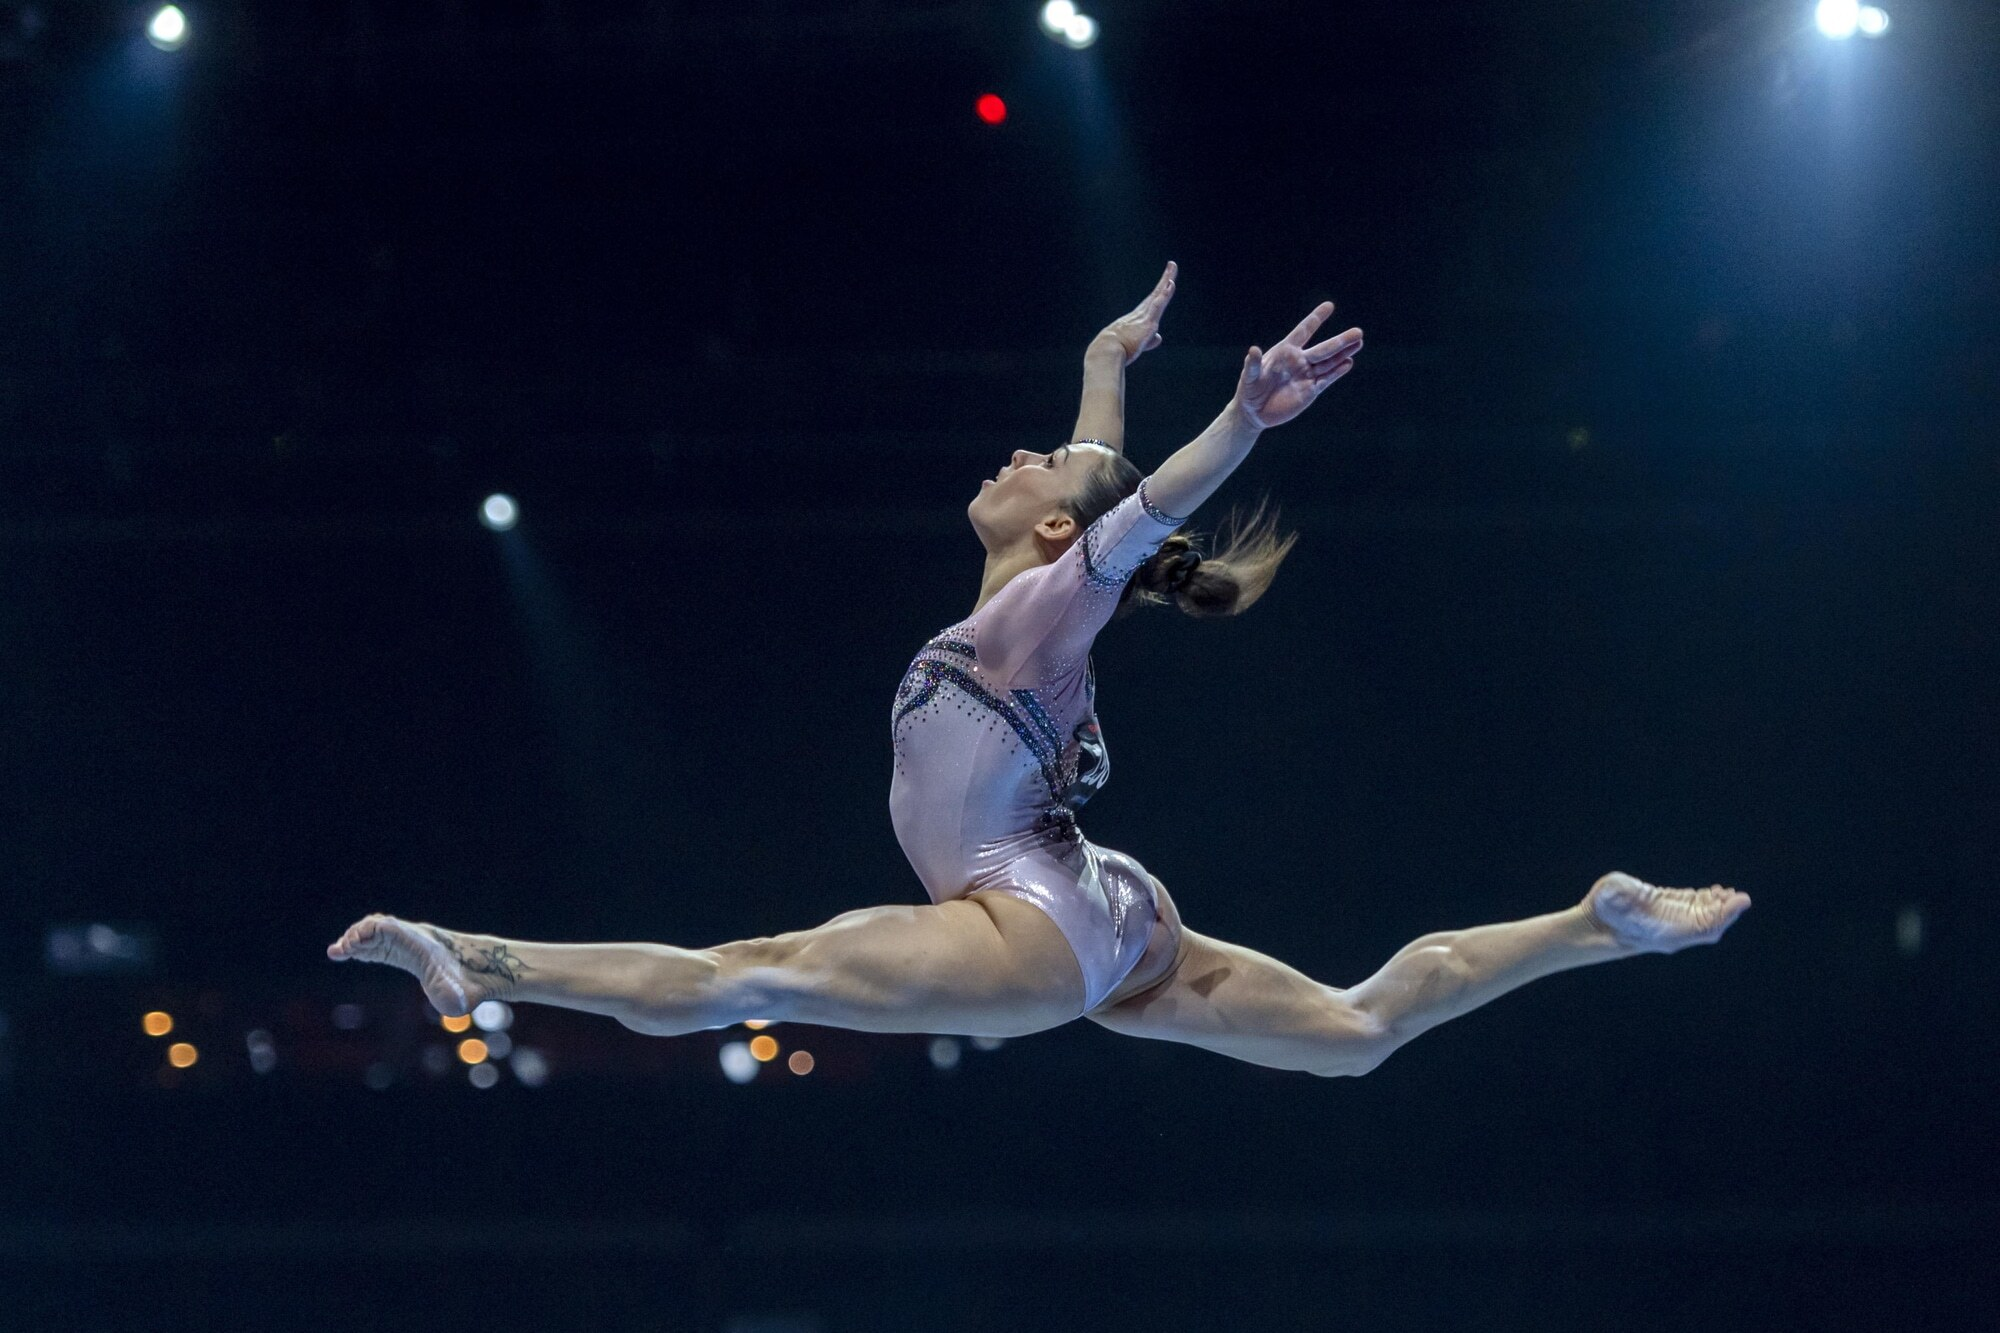 Olimpiadi Vanessa Ferrari fa la storia! Argento nel corpo libero